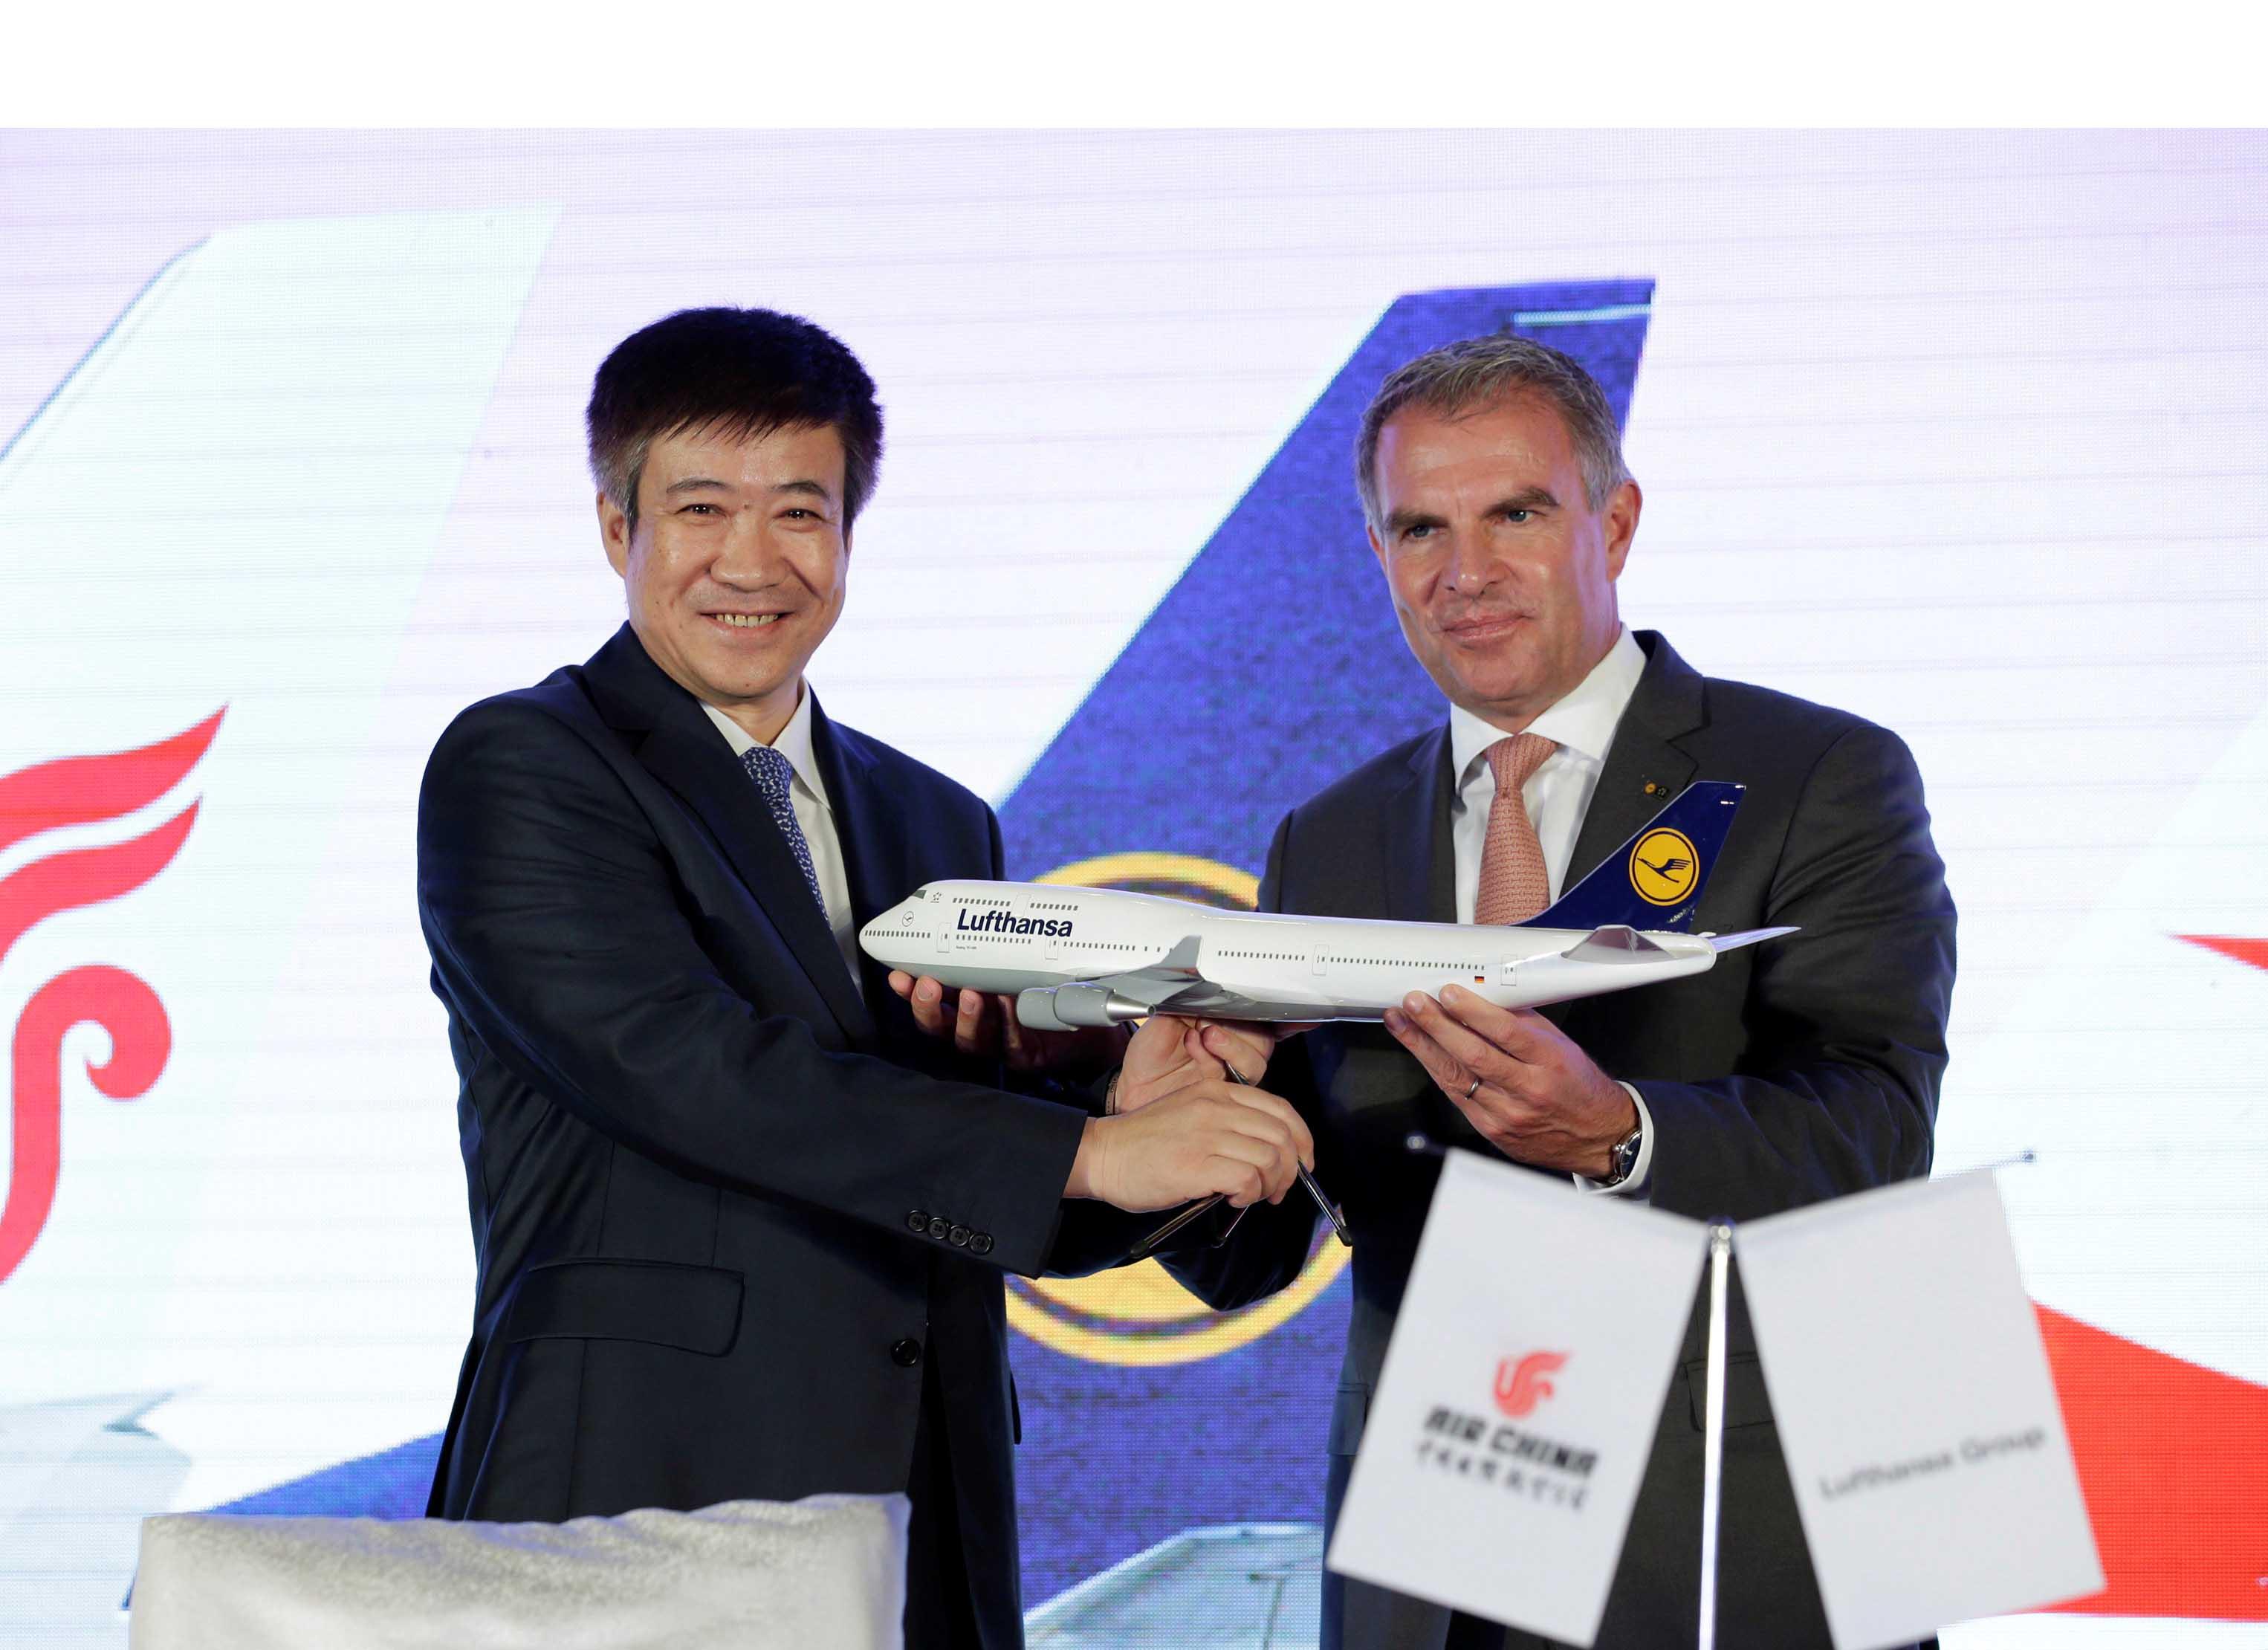 Los representantes de las aerolíneas firmaron un convenio para dar un paso más en sus operaciones conjuntas